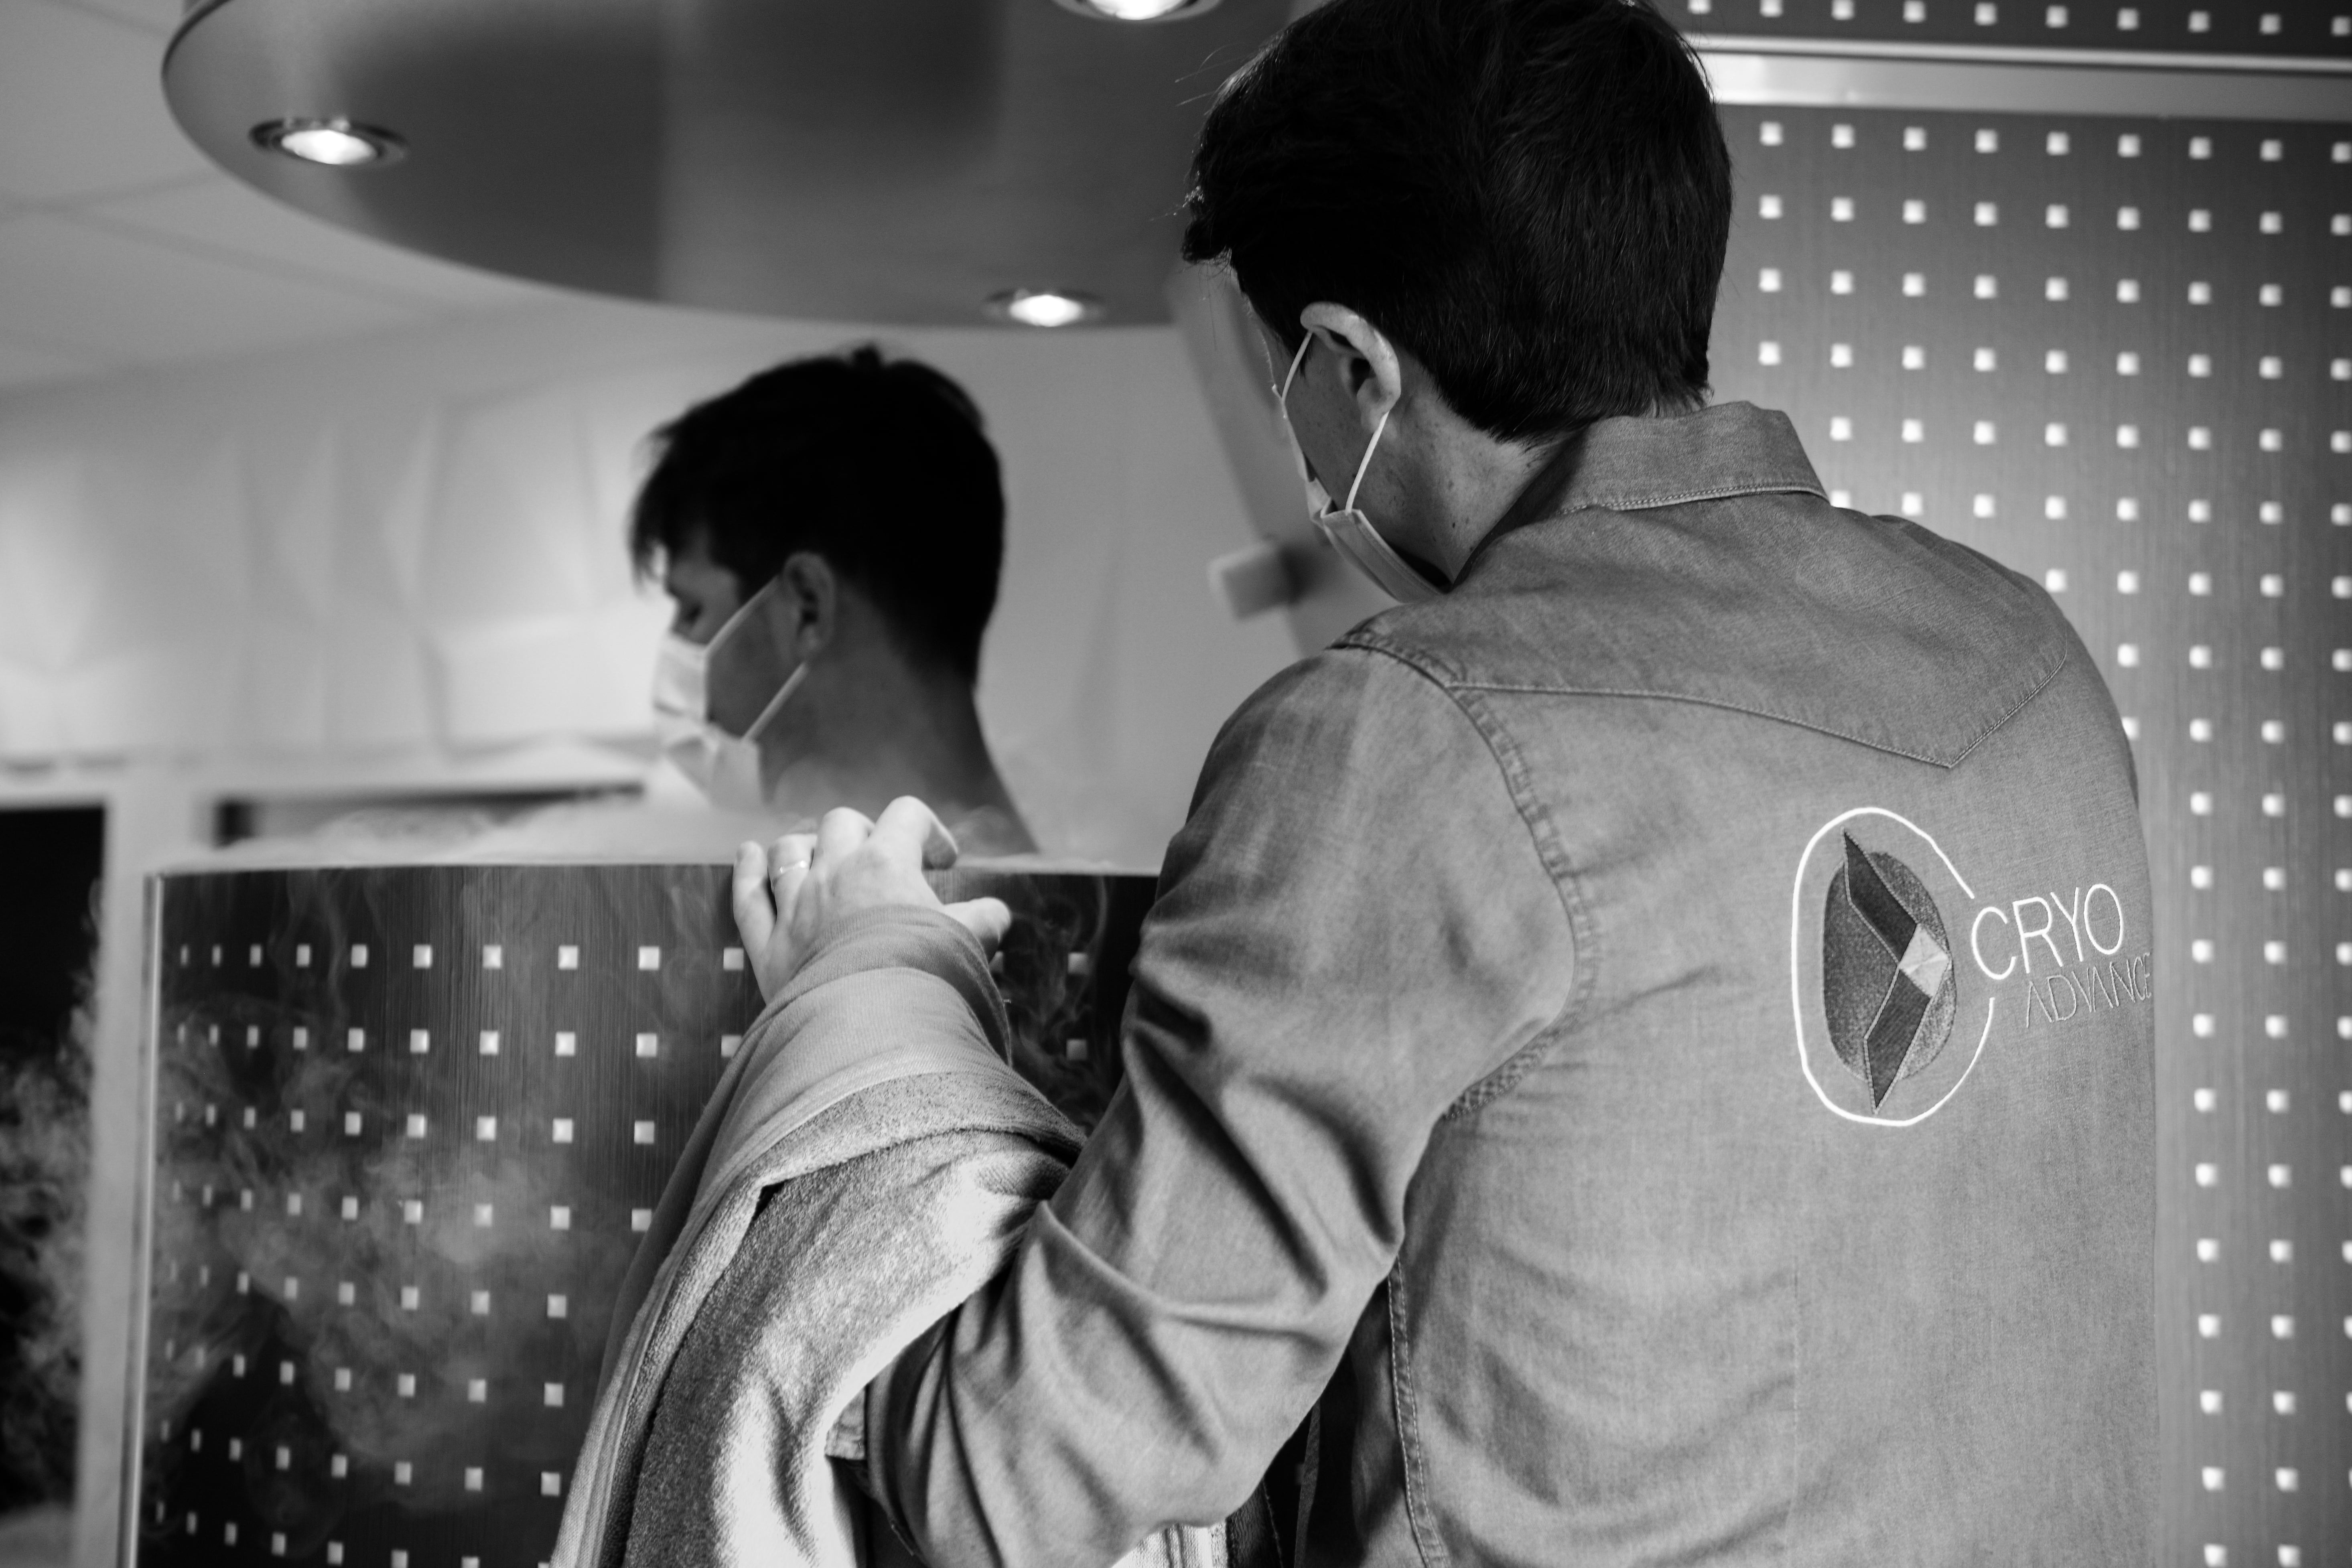 séance de cryothérapie corps entier au centre cryoadvance annecy